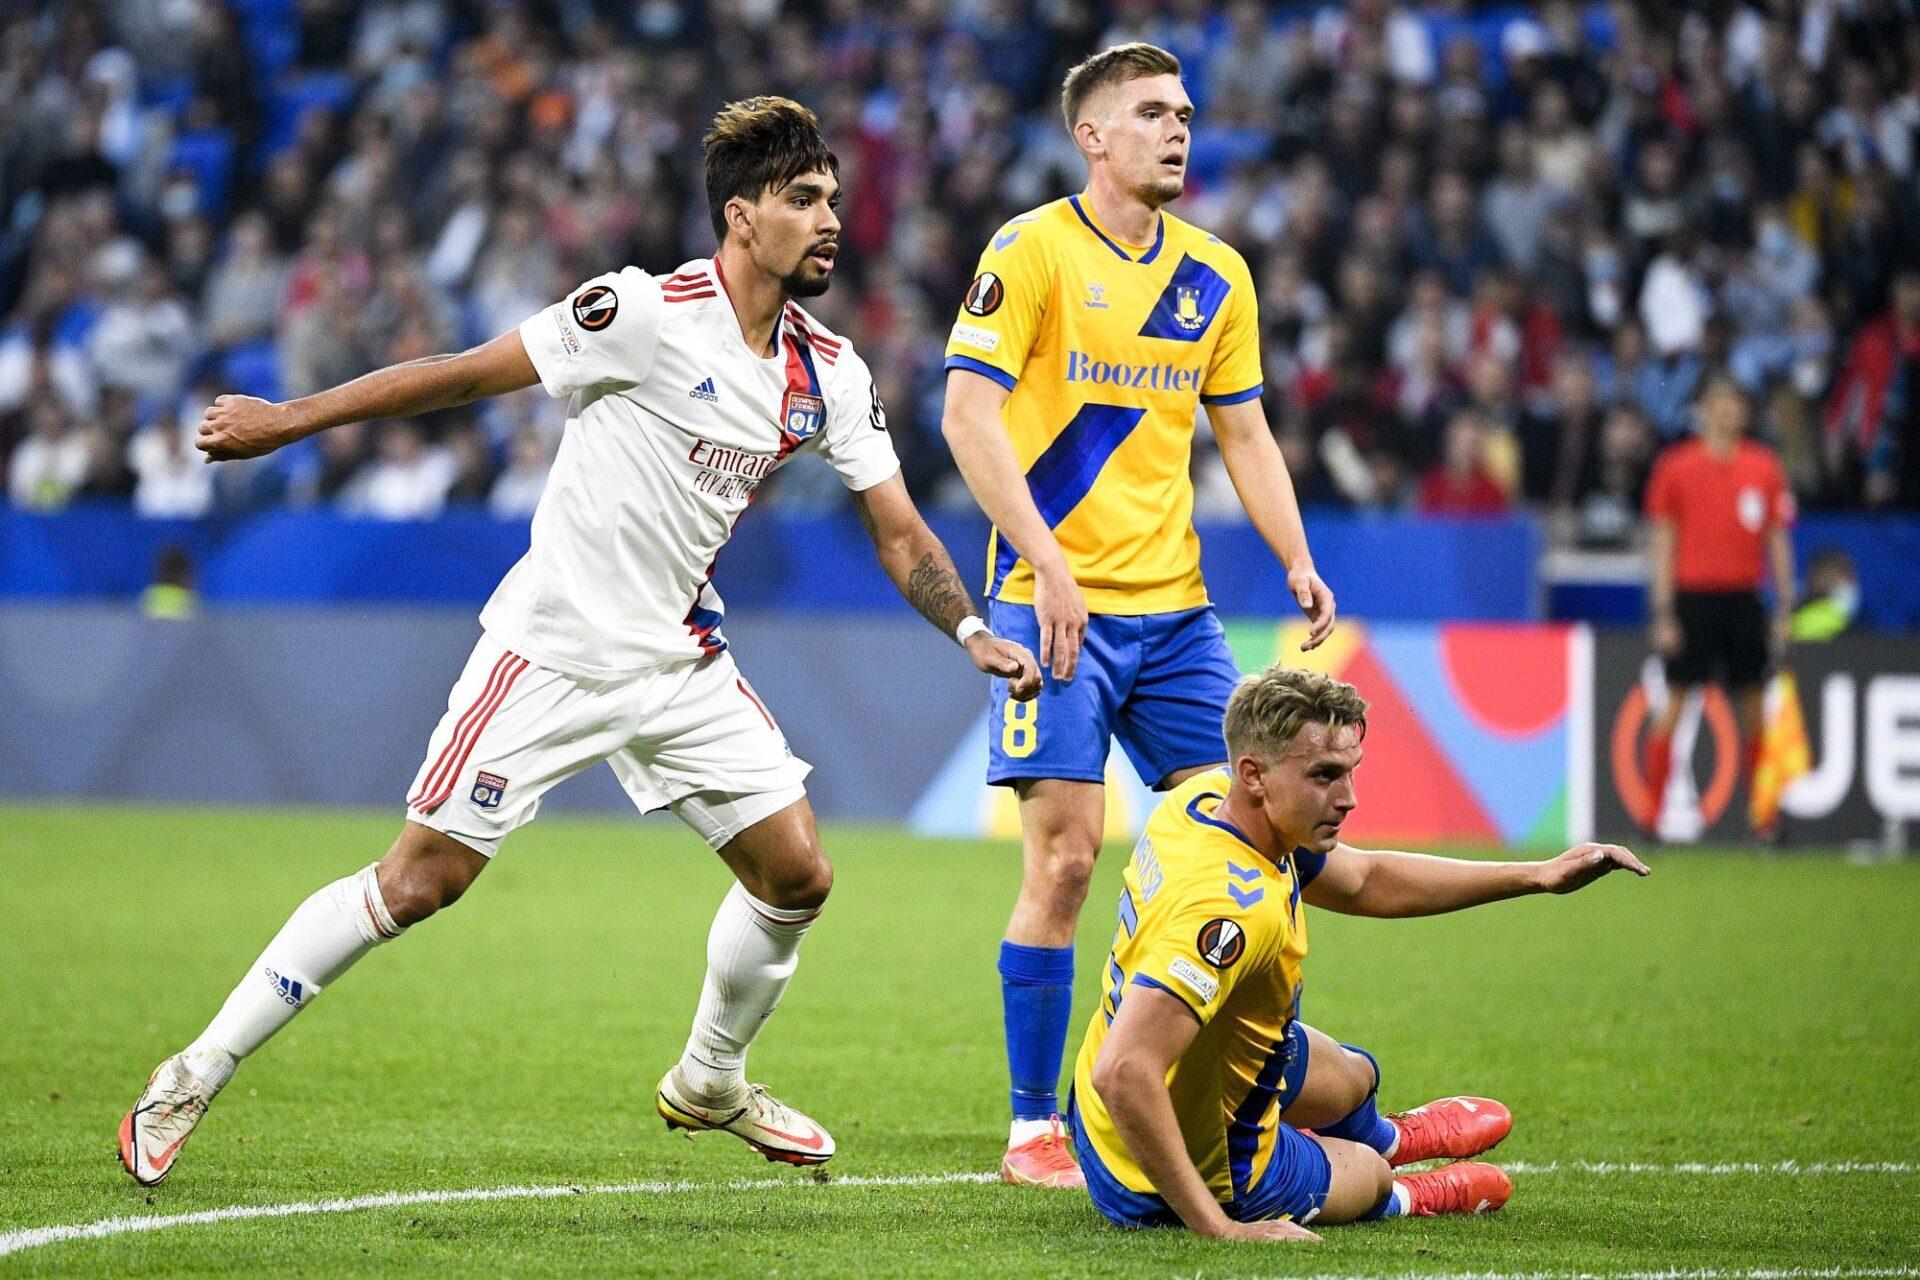 Lucas Paqueta a été intéressant en position d'avant-centre contre Brondby, mais il n'a pas réussi à marquer malgré une frappe sur le poteau (26e). Icon Sport